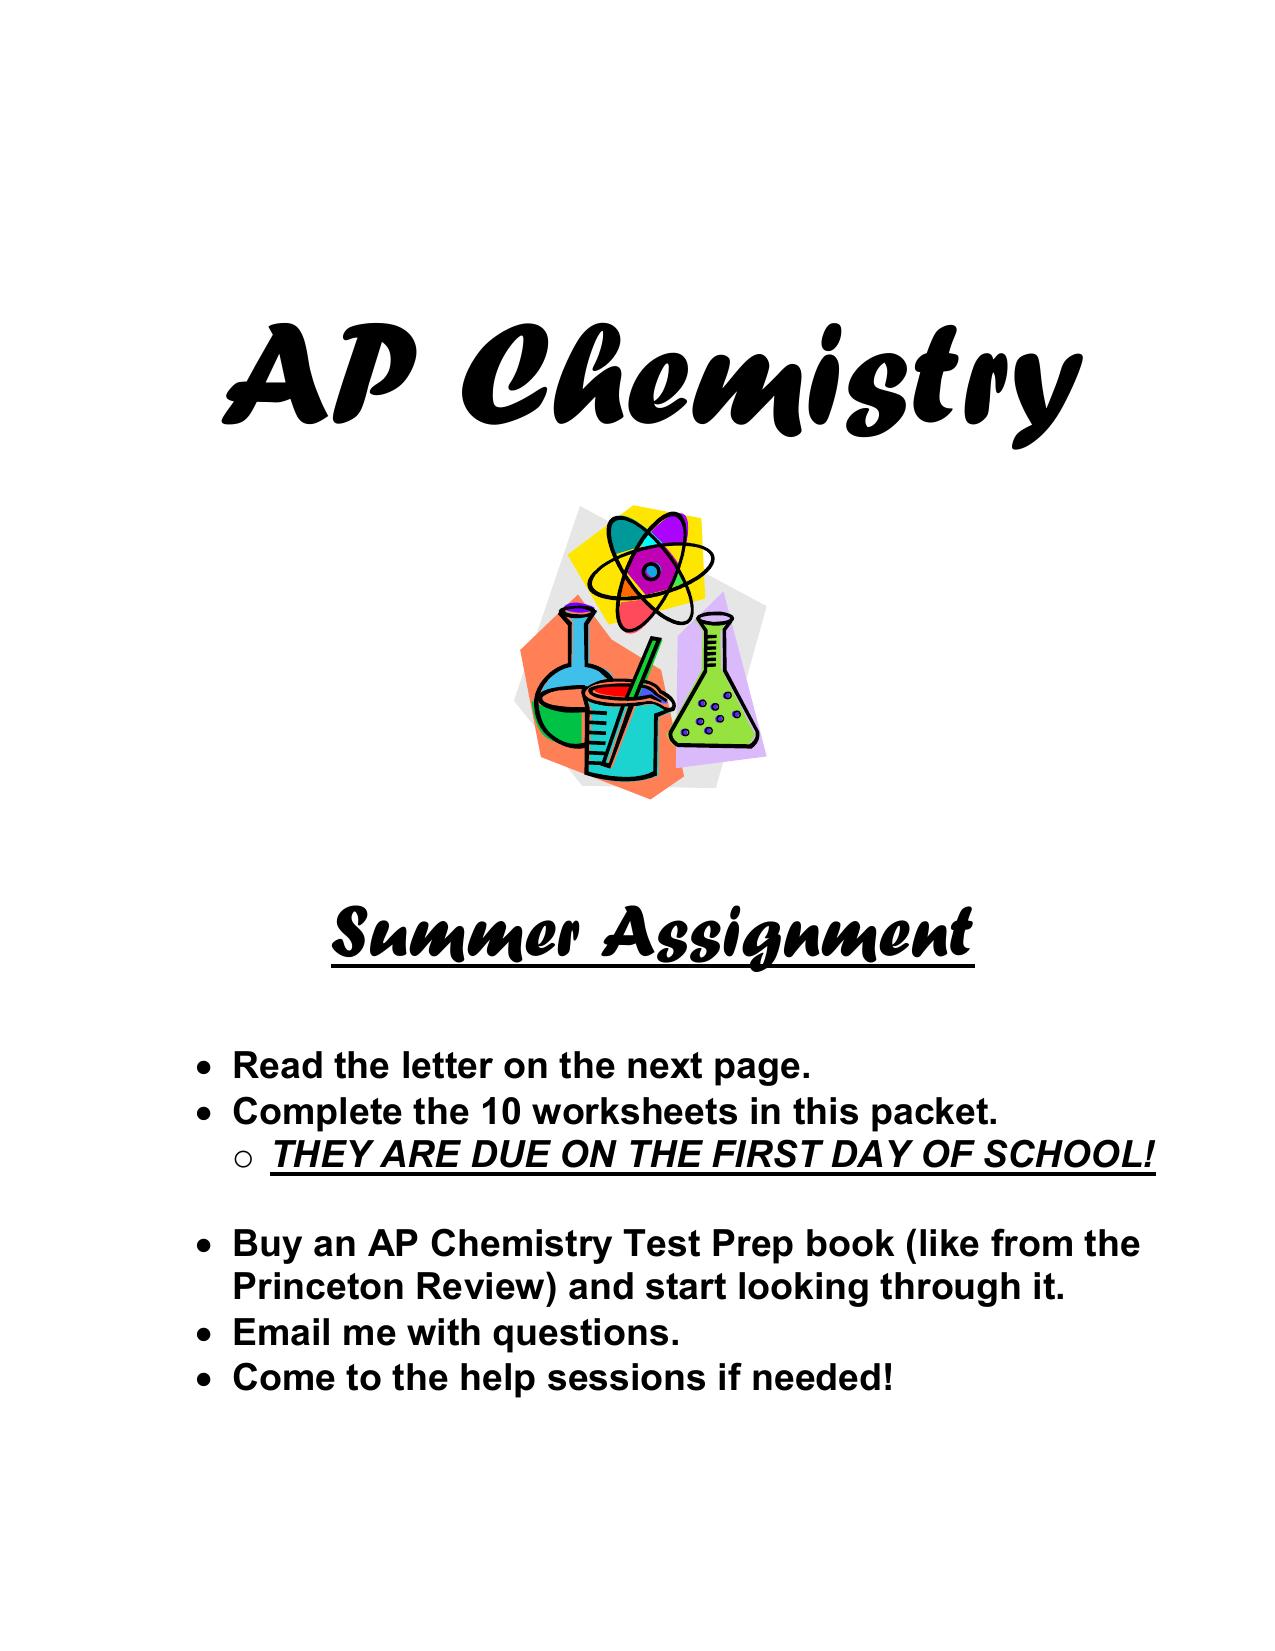 AP Chemistry Worksheet 2 - Sun Prairie Area School District